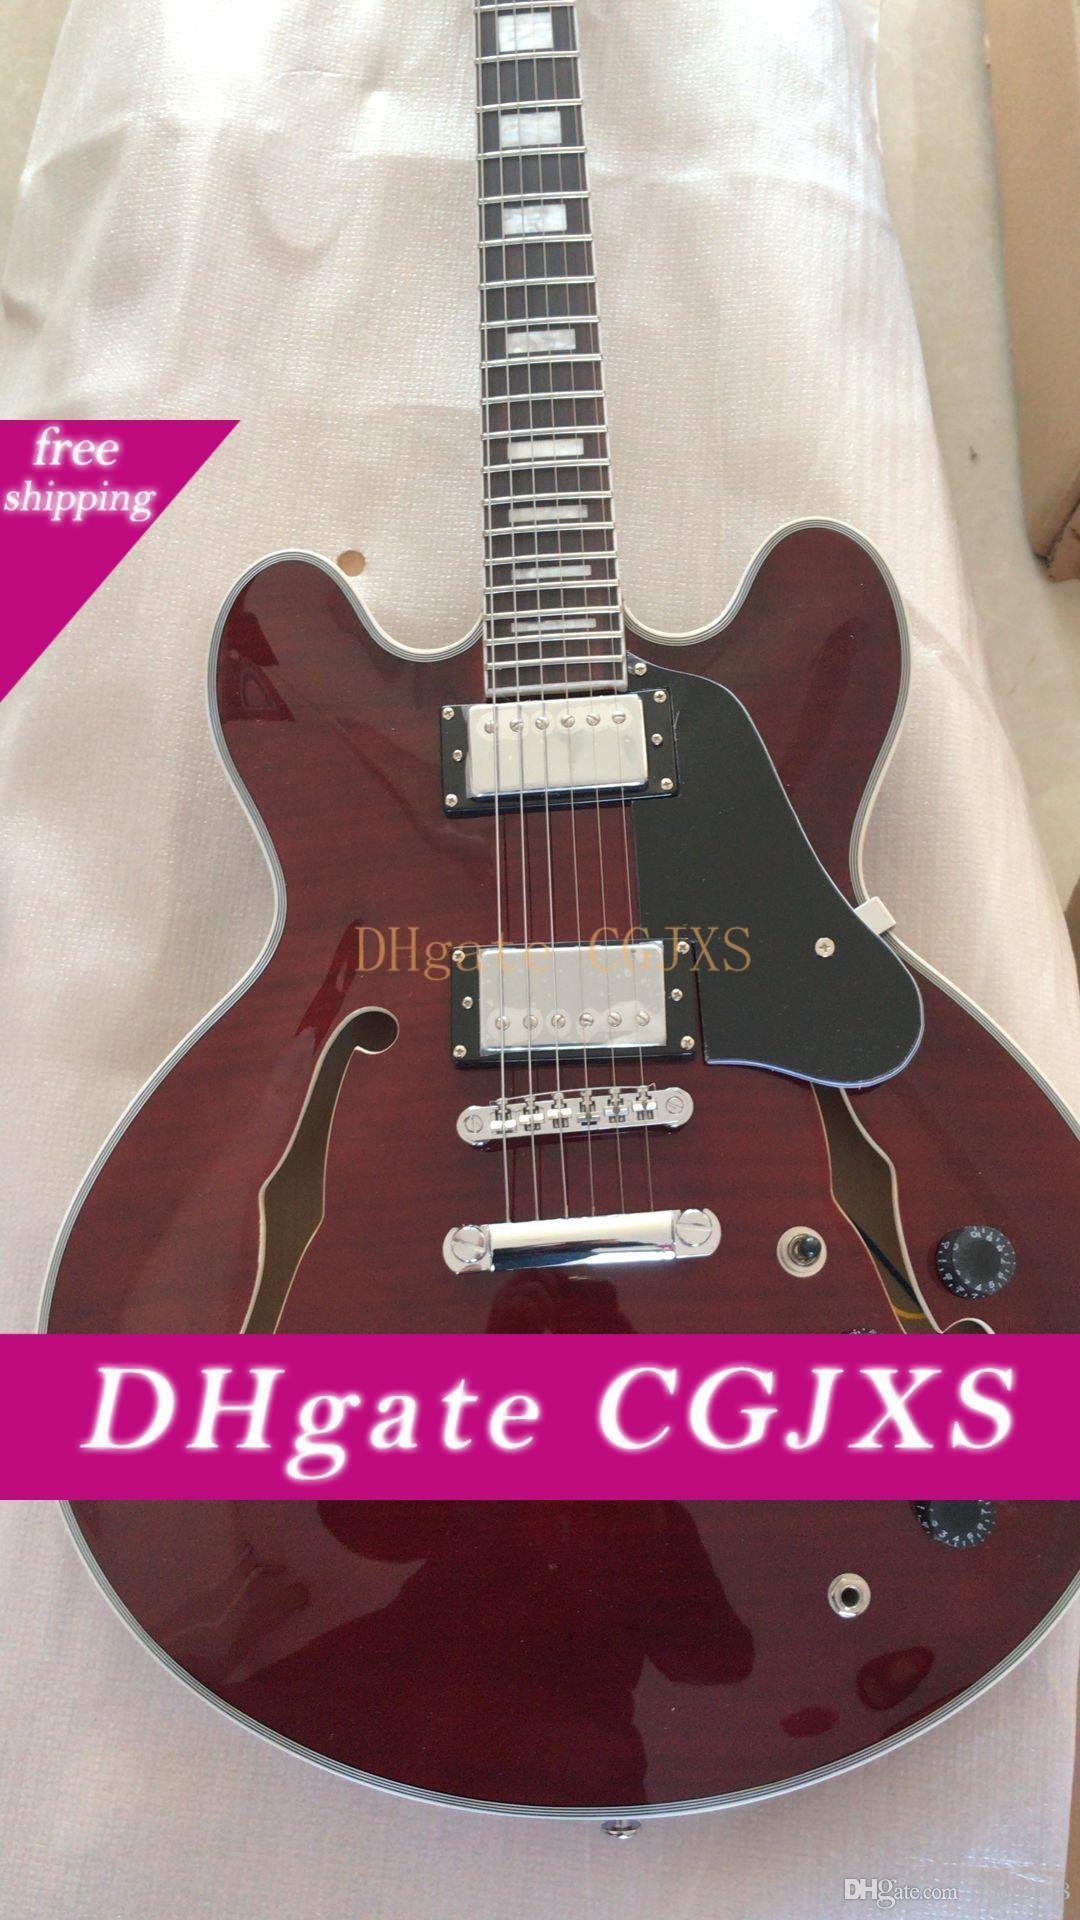 Freies Verschiffen! Großhandelsqualitäts-Jazz elektrische Gitarre im Wein-Rot, Halb -Hollow Gitarre mit Palisander Freboard .Can Be 180.225 Customed